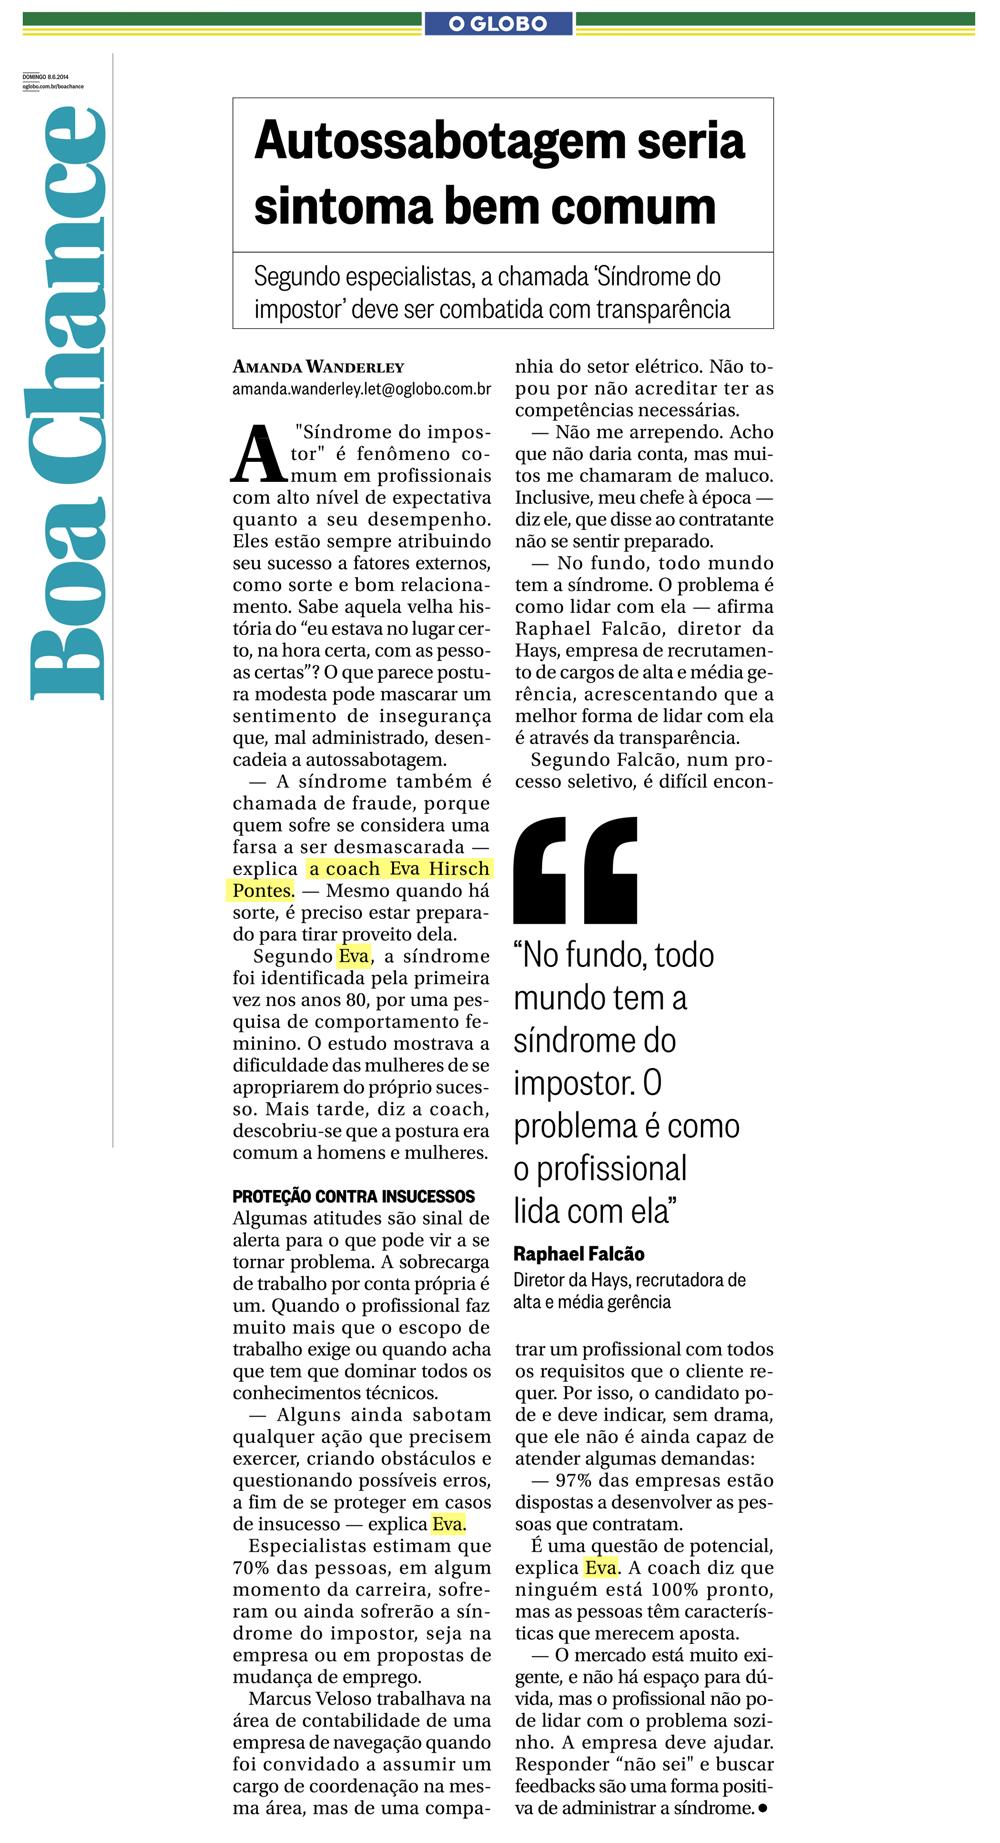 Jornal_OGlobo_Boa_Chance_08-06-2014